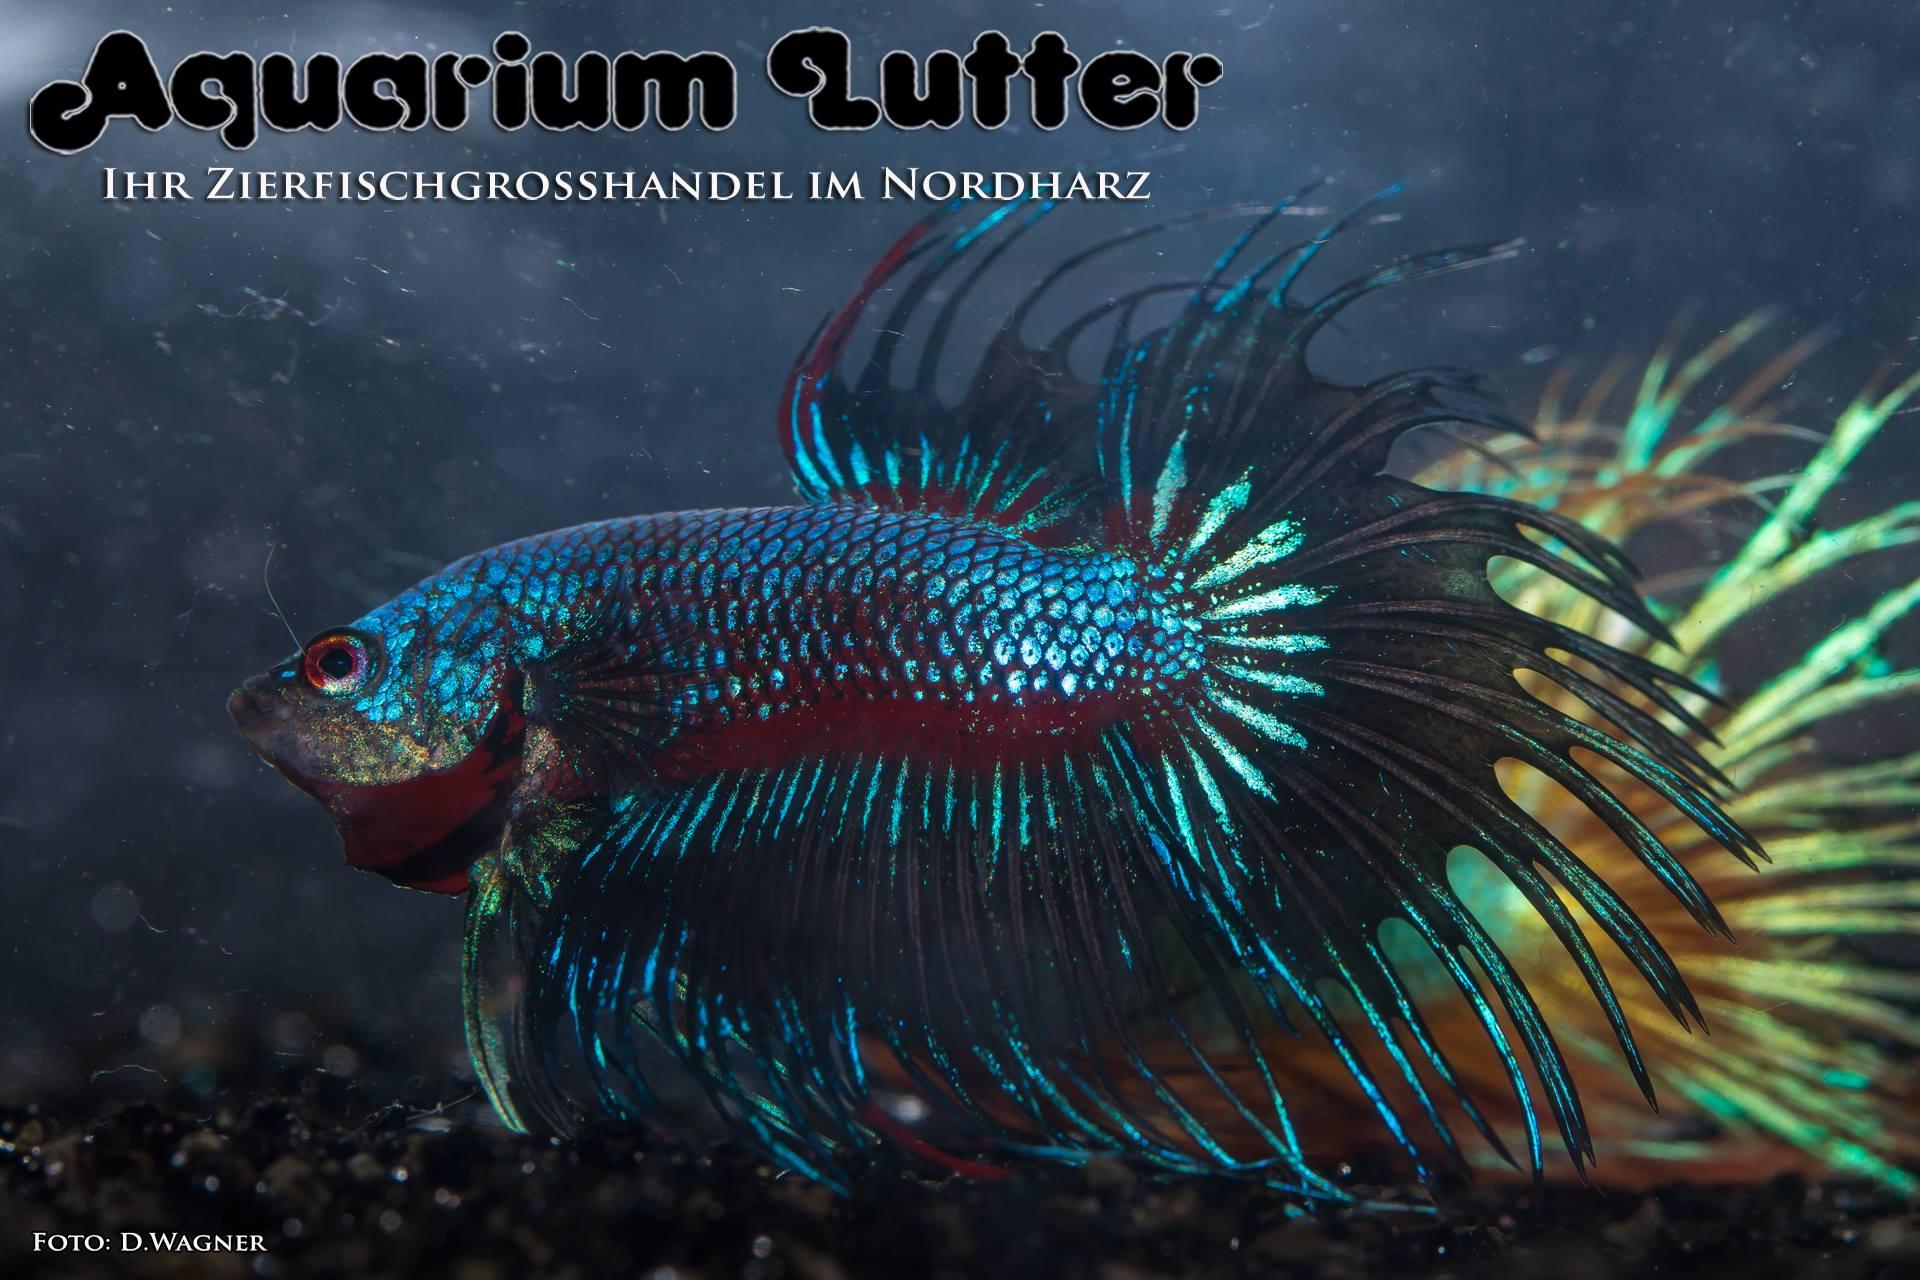 Crowntail dragon kampffisch betta splendens j aquarium for Kampffisch betta